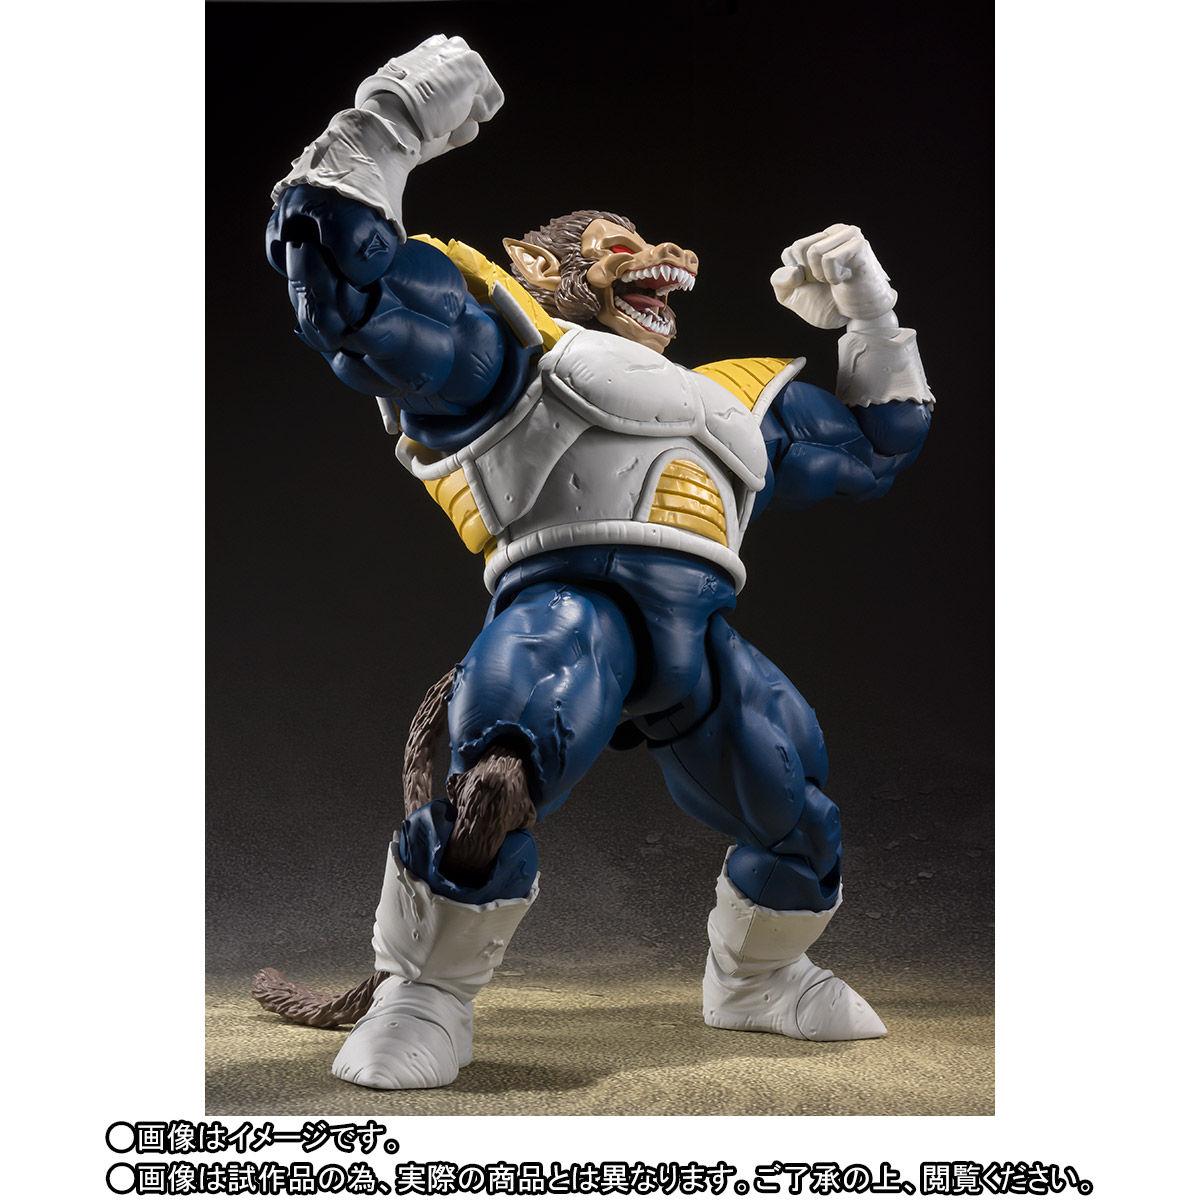 【限定販売】S.H.Figuarts『大猿ベジータ』ドラゴンボールZ 可動フィギュア-004